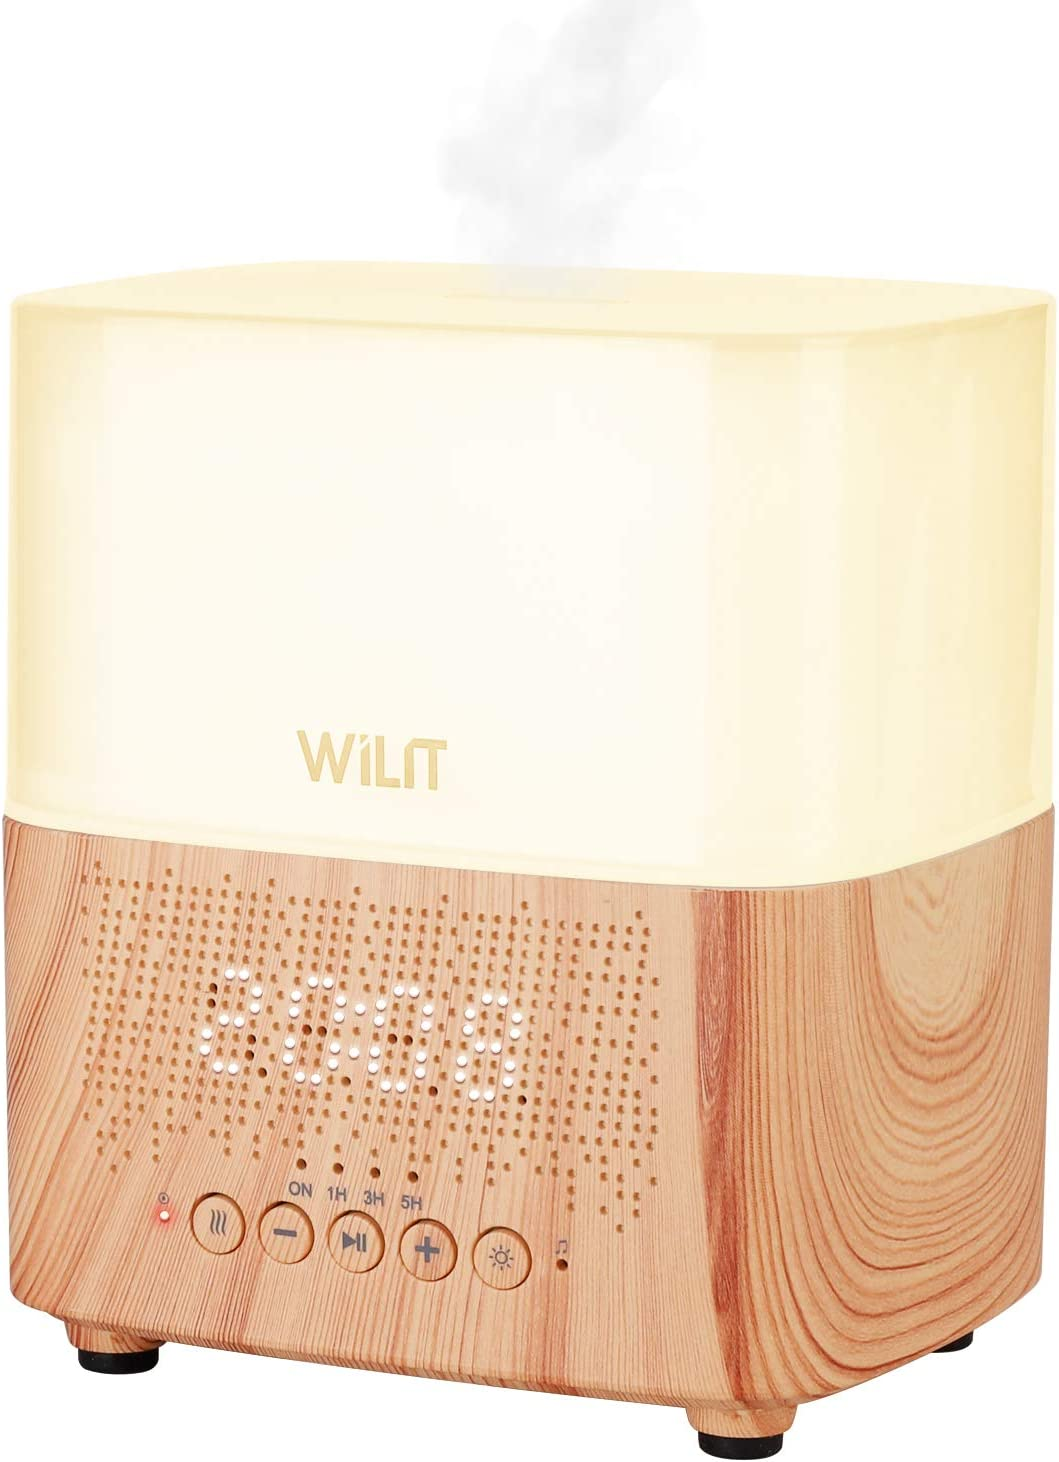 WILIT Difusor de Aromas con Reloj Despertador, Luz Ambiente de Colores y Altavoz Bluetooth, Humidificador Ultrasónico de Aceite Esencial 300ml con Temporizador y Función de Apagado Automático